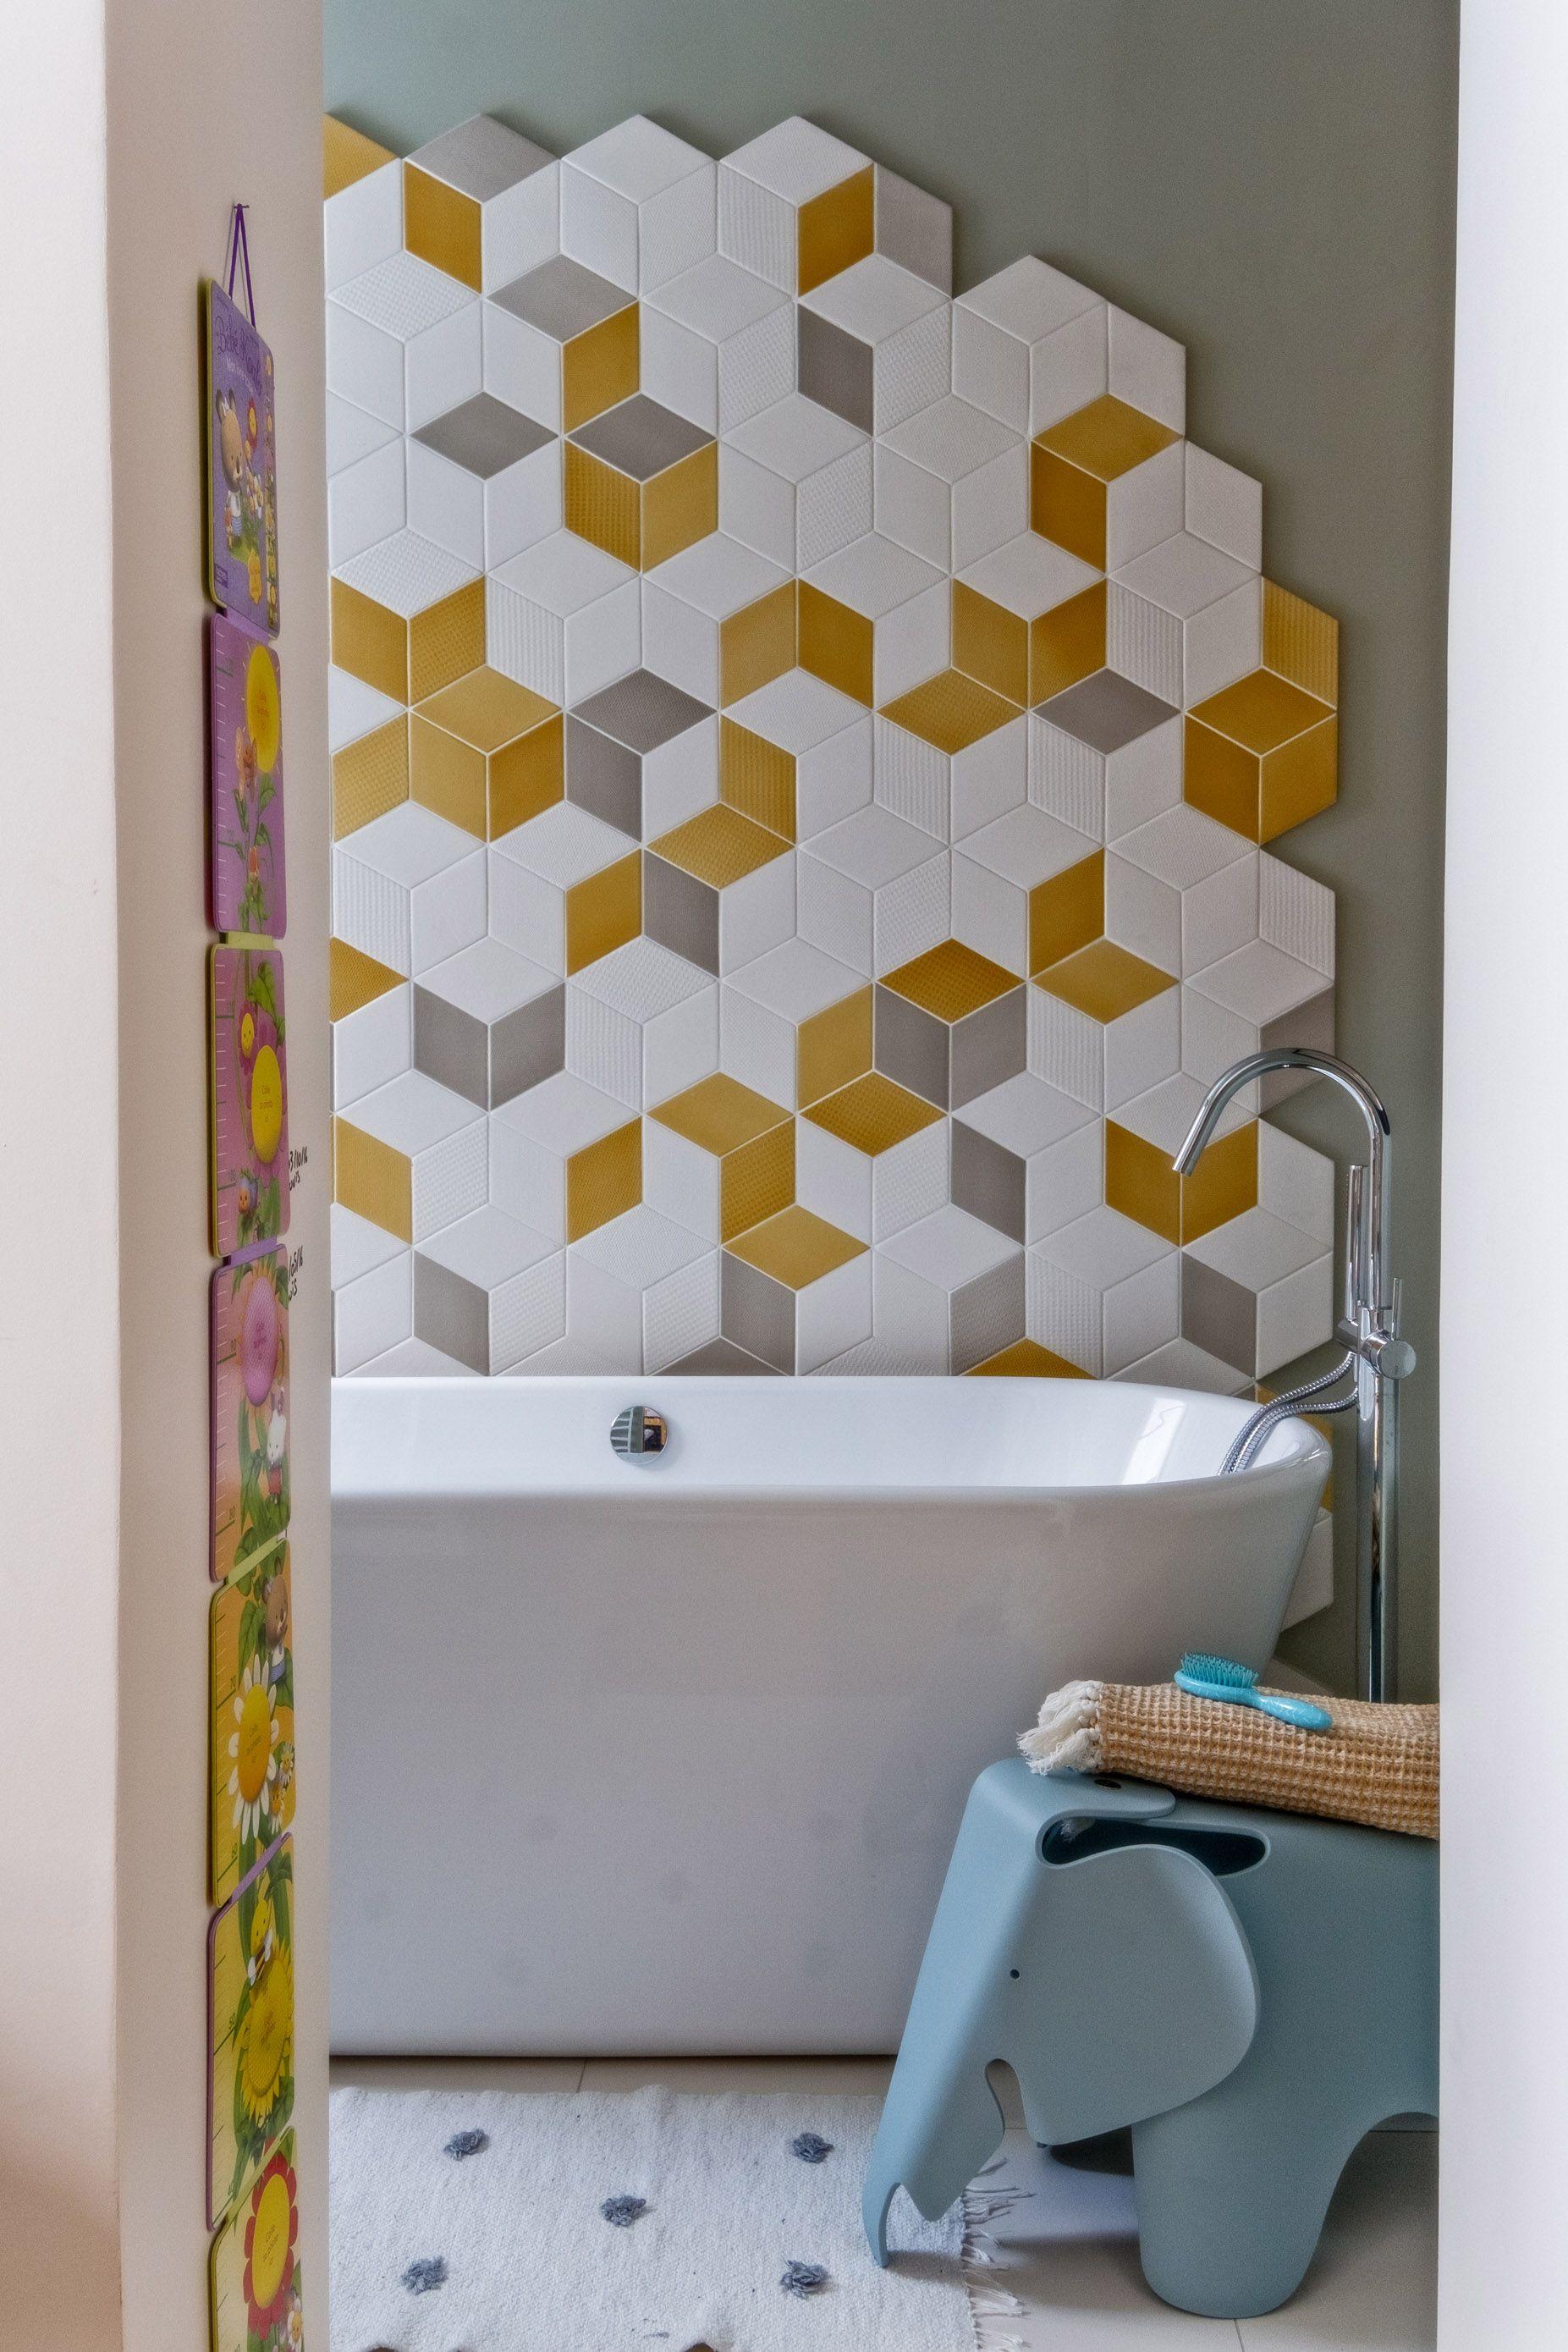 Exposition Salle De Bain Yverdon ~ dscf0209 maisons trucs pinterest interiors bath and toilet